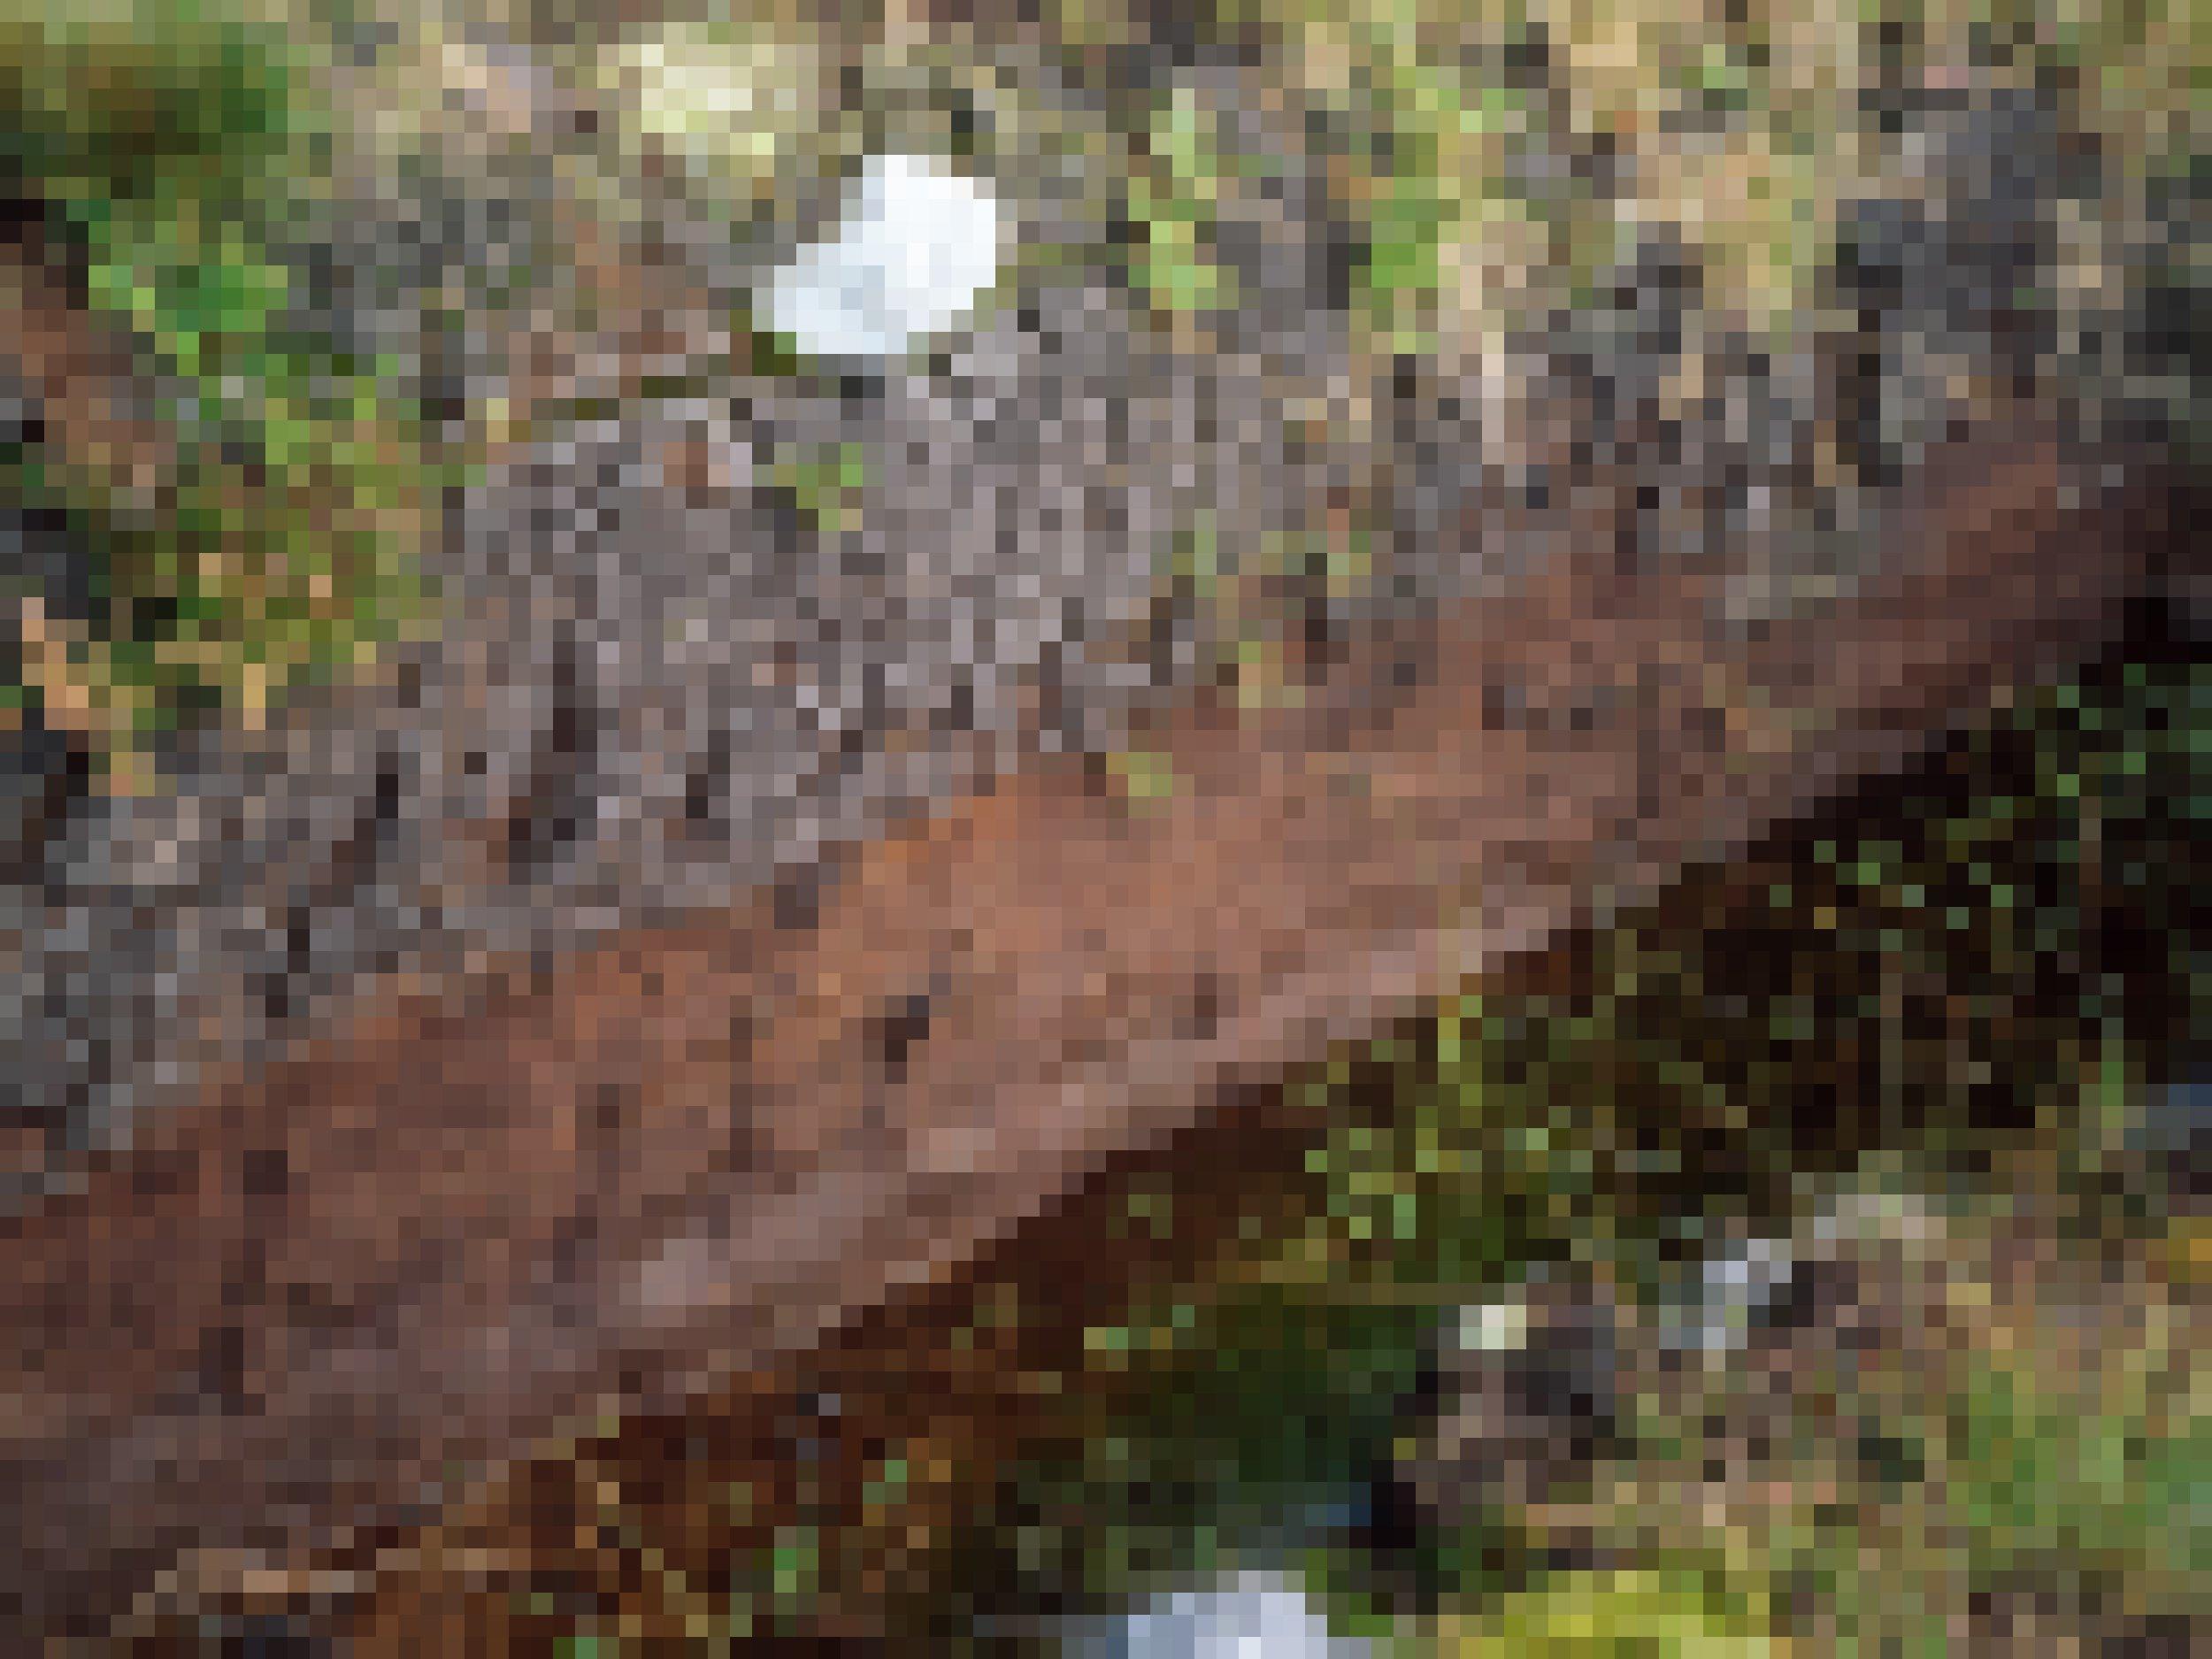 Foto der Kante eines Moorbodens. Daneben läuft Wasser ab.